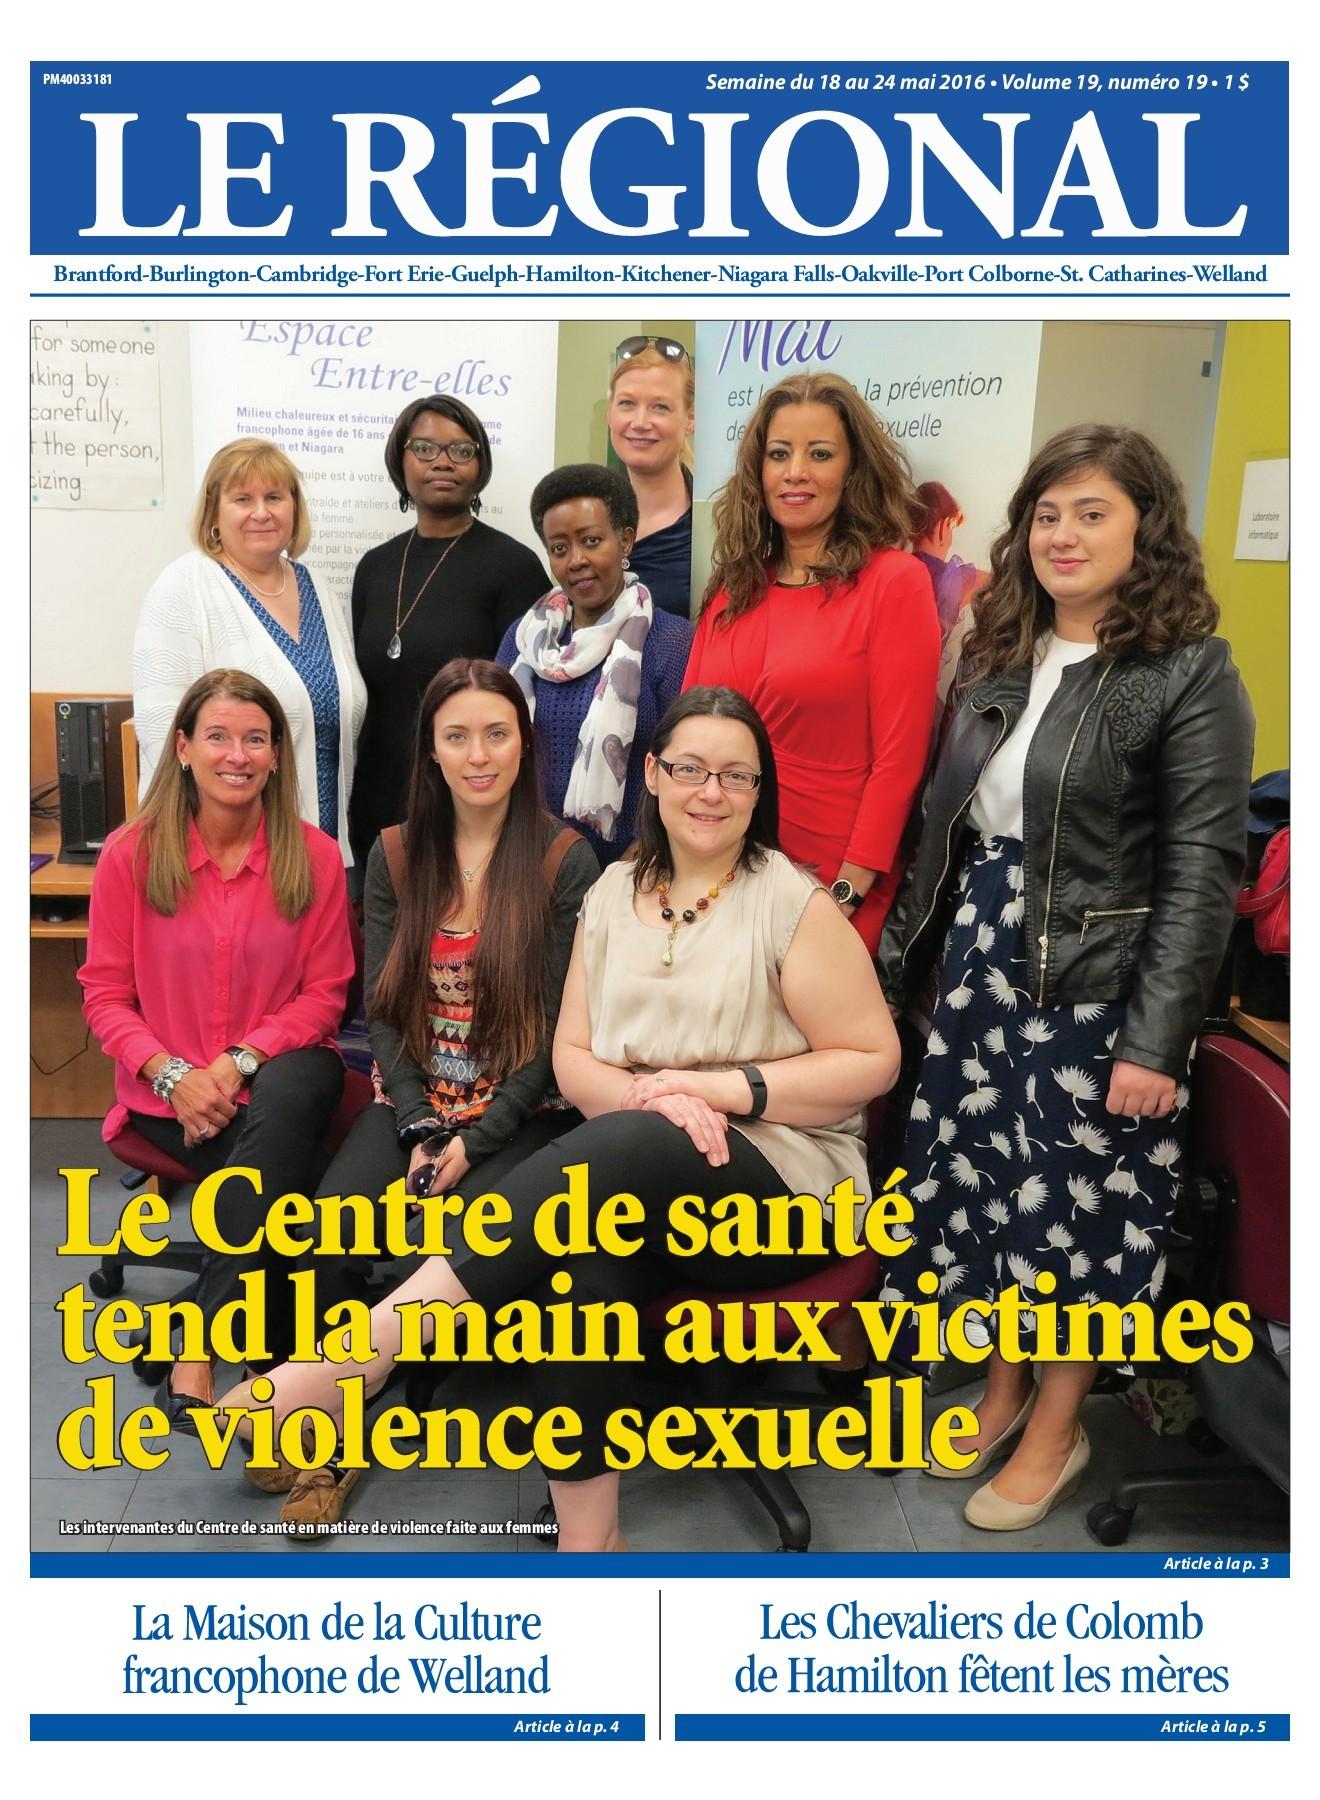 Gay club Welland Canada